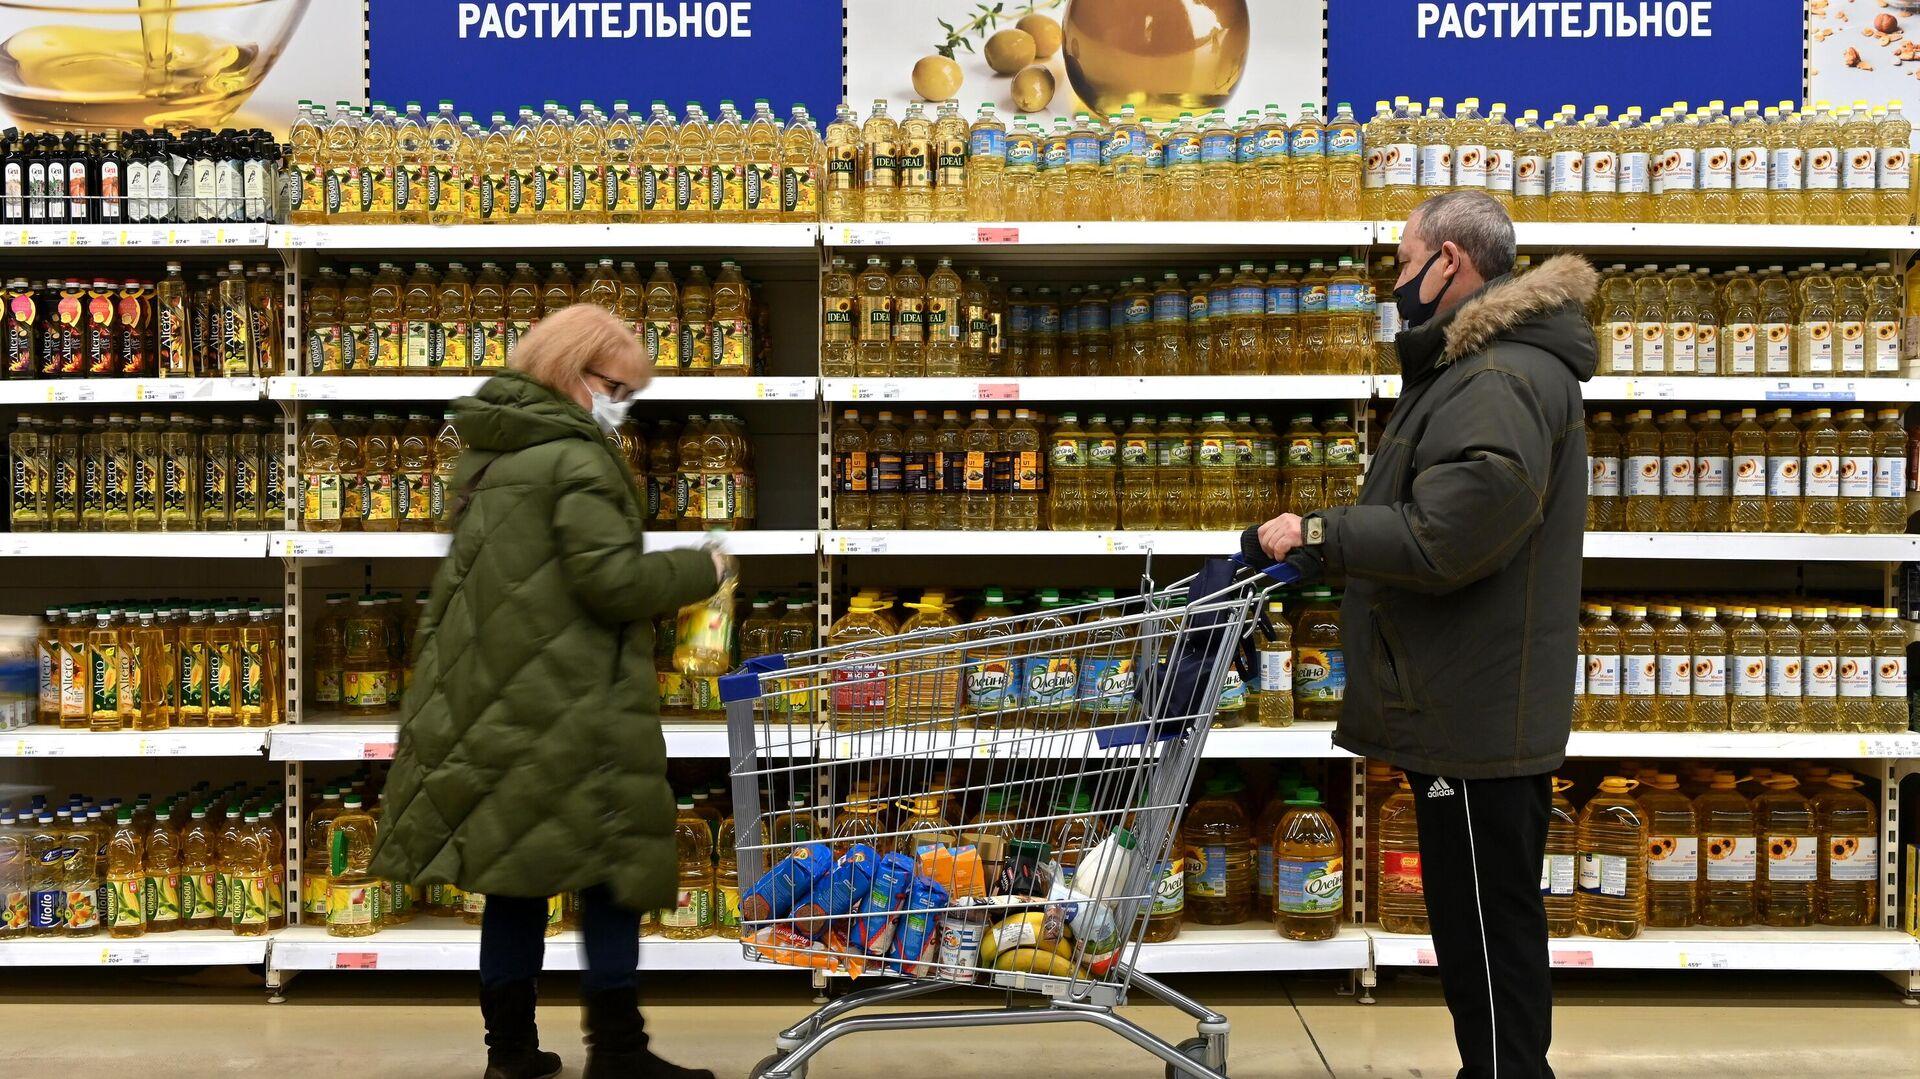 Бутылки с растительным маслом на полке магазина - РИА Новости, 1920, 25.01.2021